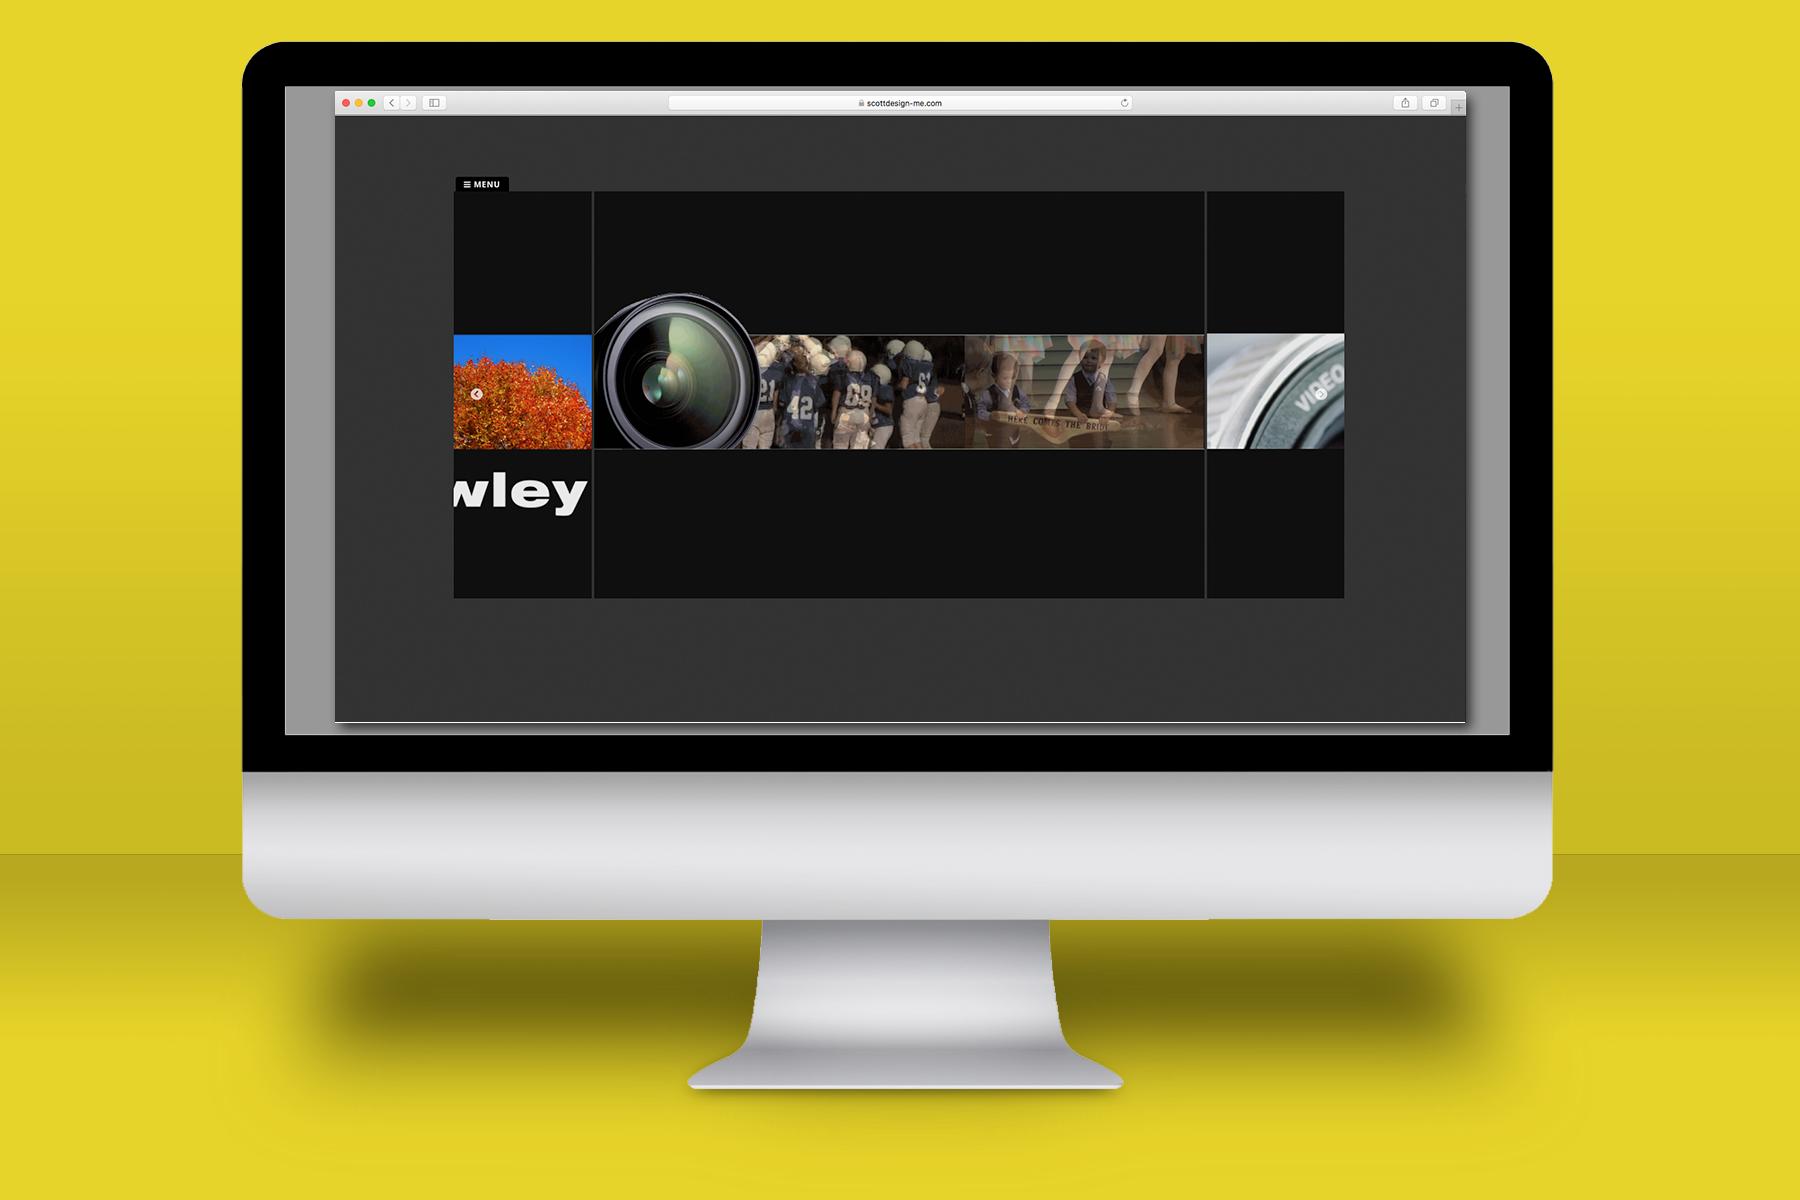 web_photos_by_rowley_03